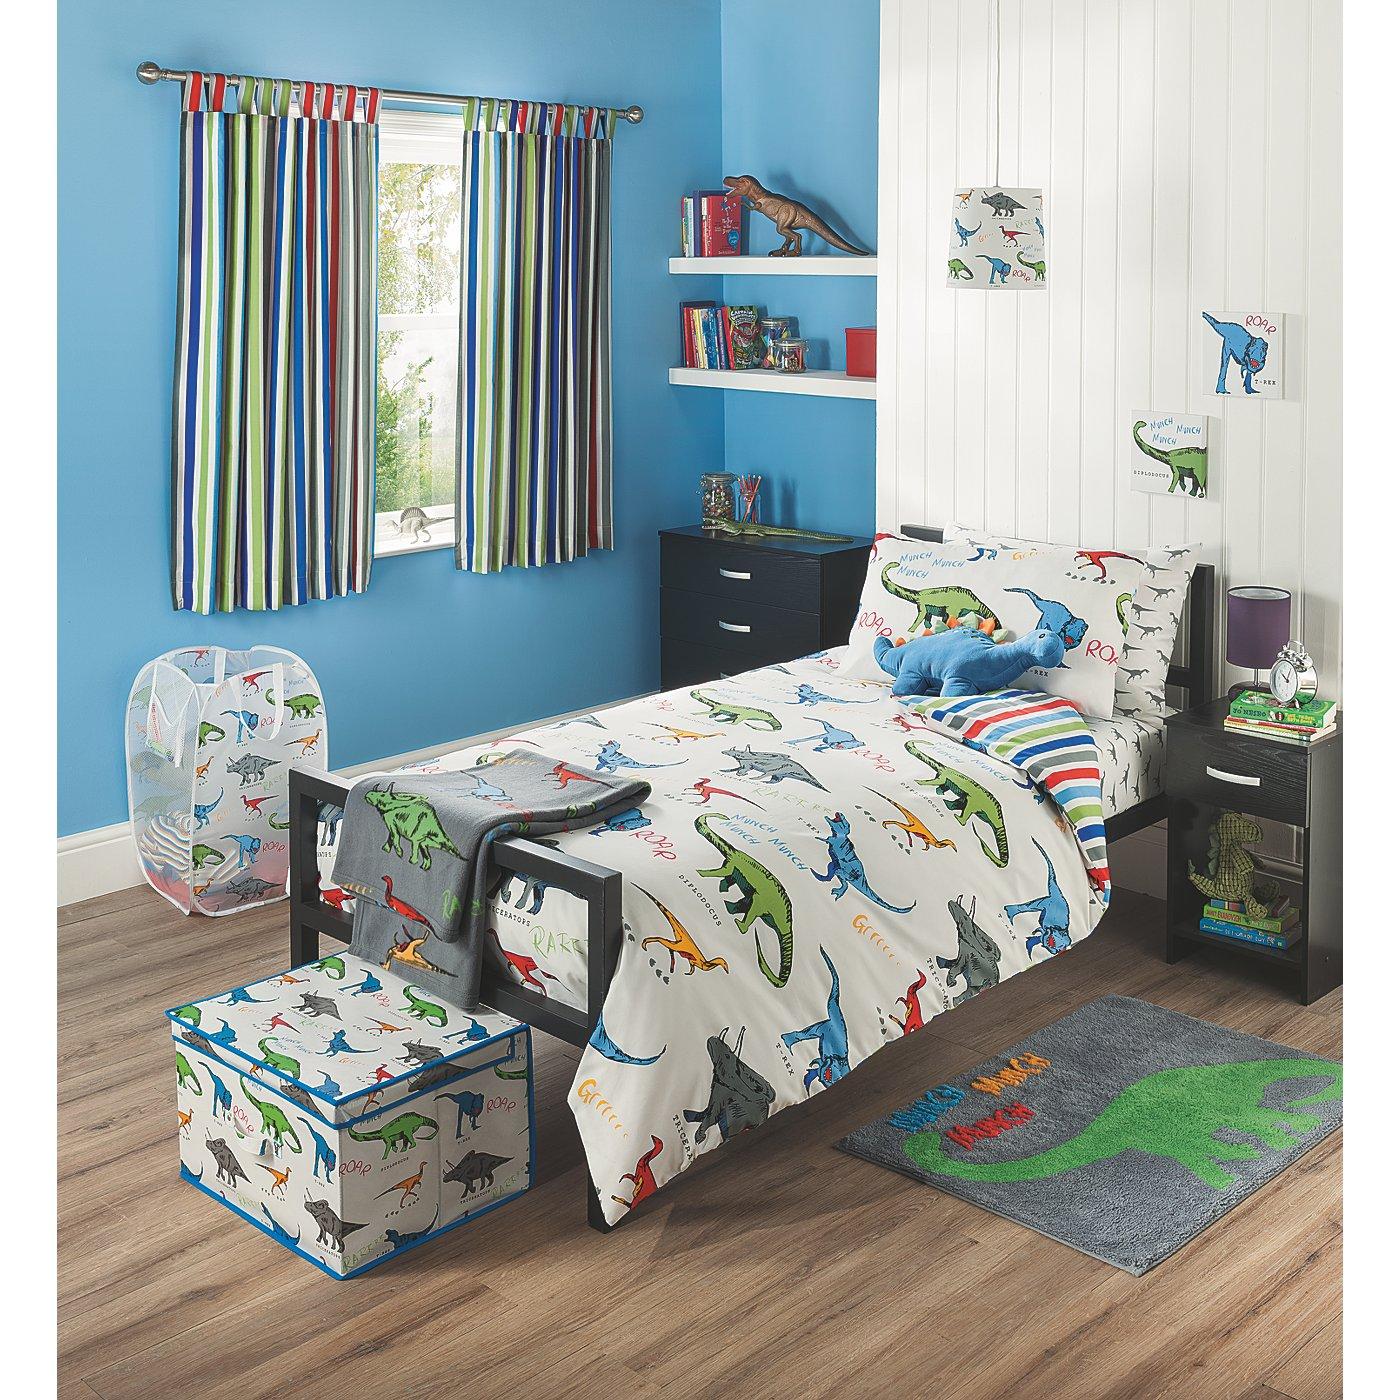 Asda Kids Bedroom - Bedroom